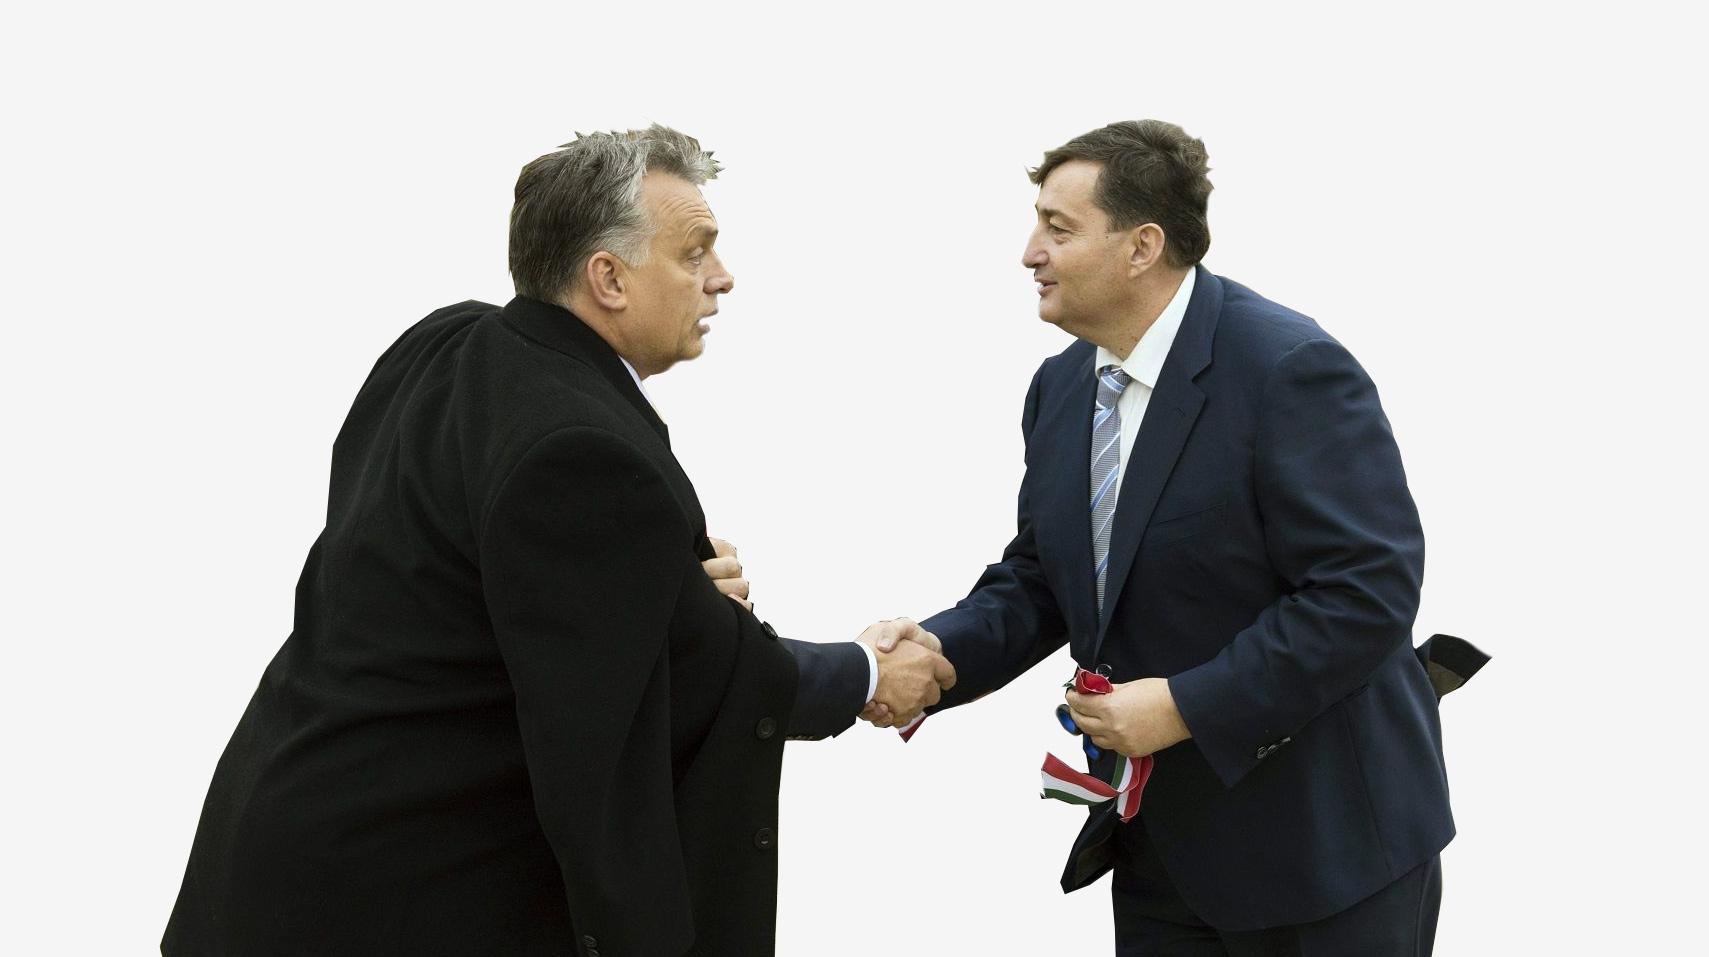 Ömlik az állami támogatás Mészáros Lőrinc élőhalott nagyvállalkozásába